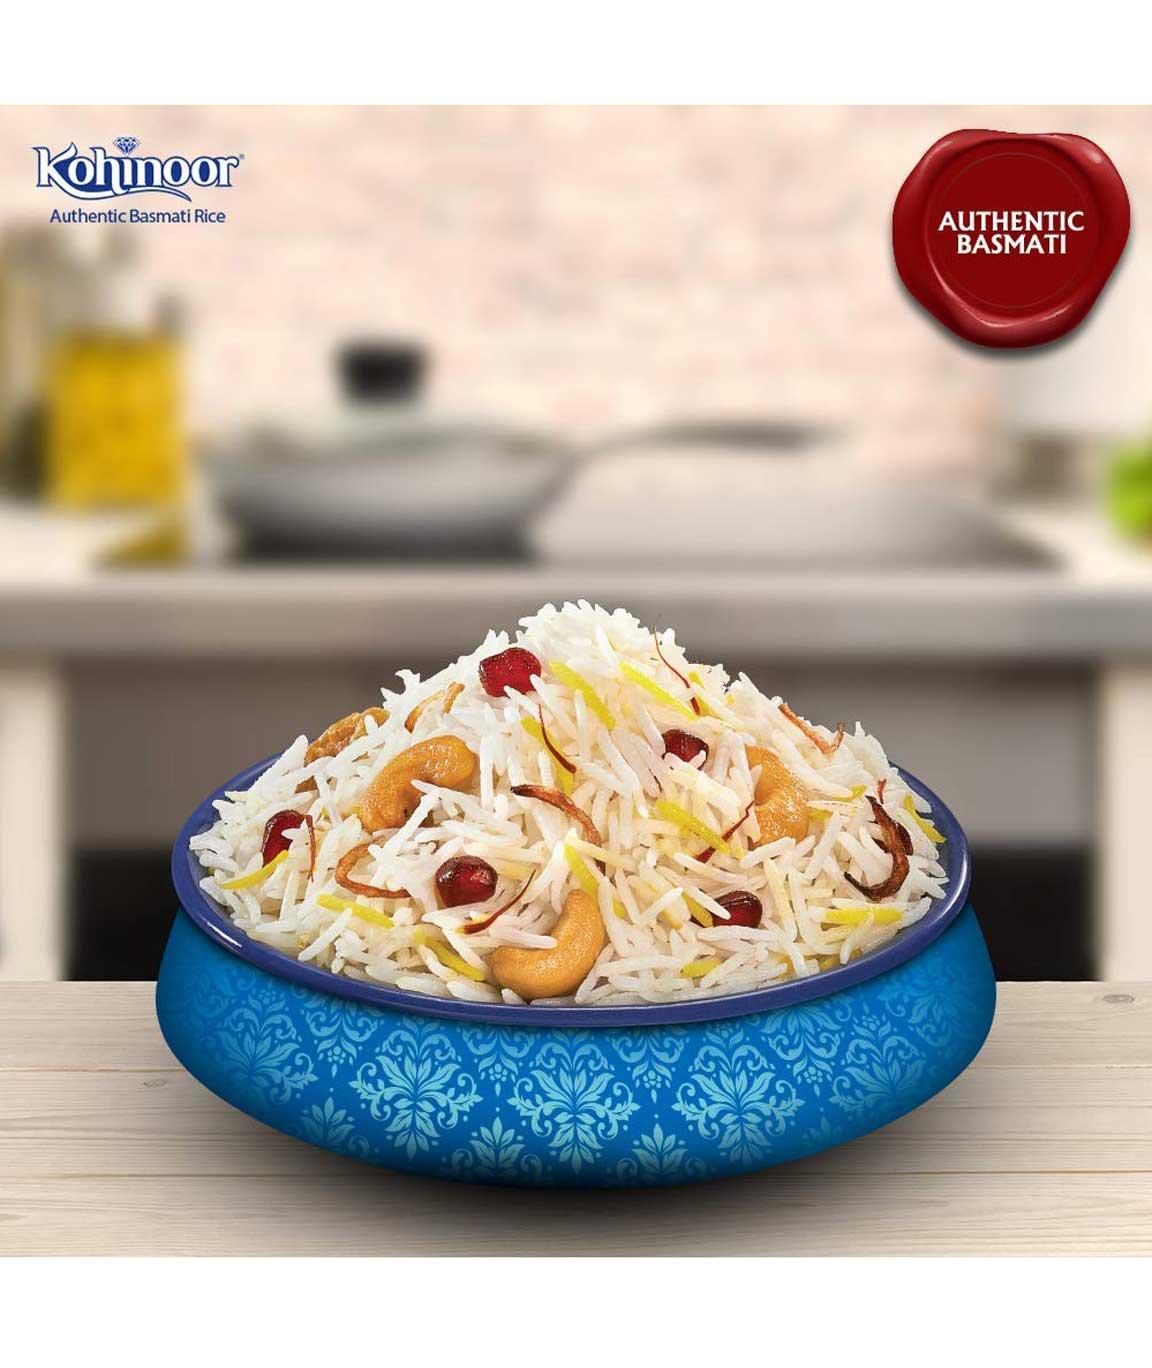 Kohinoor Super Value Basmati Rice, Blue, 1.2kg